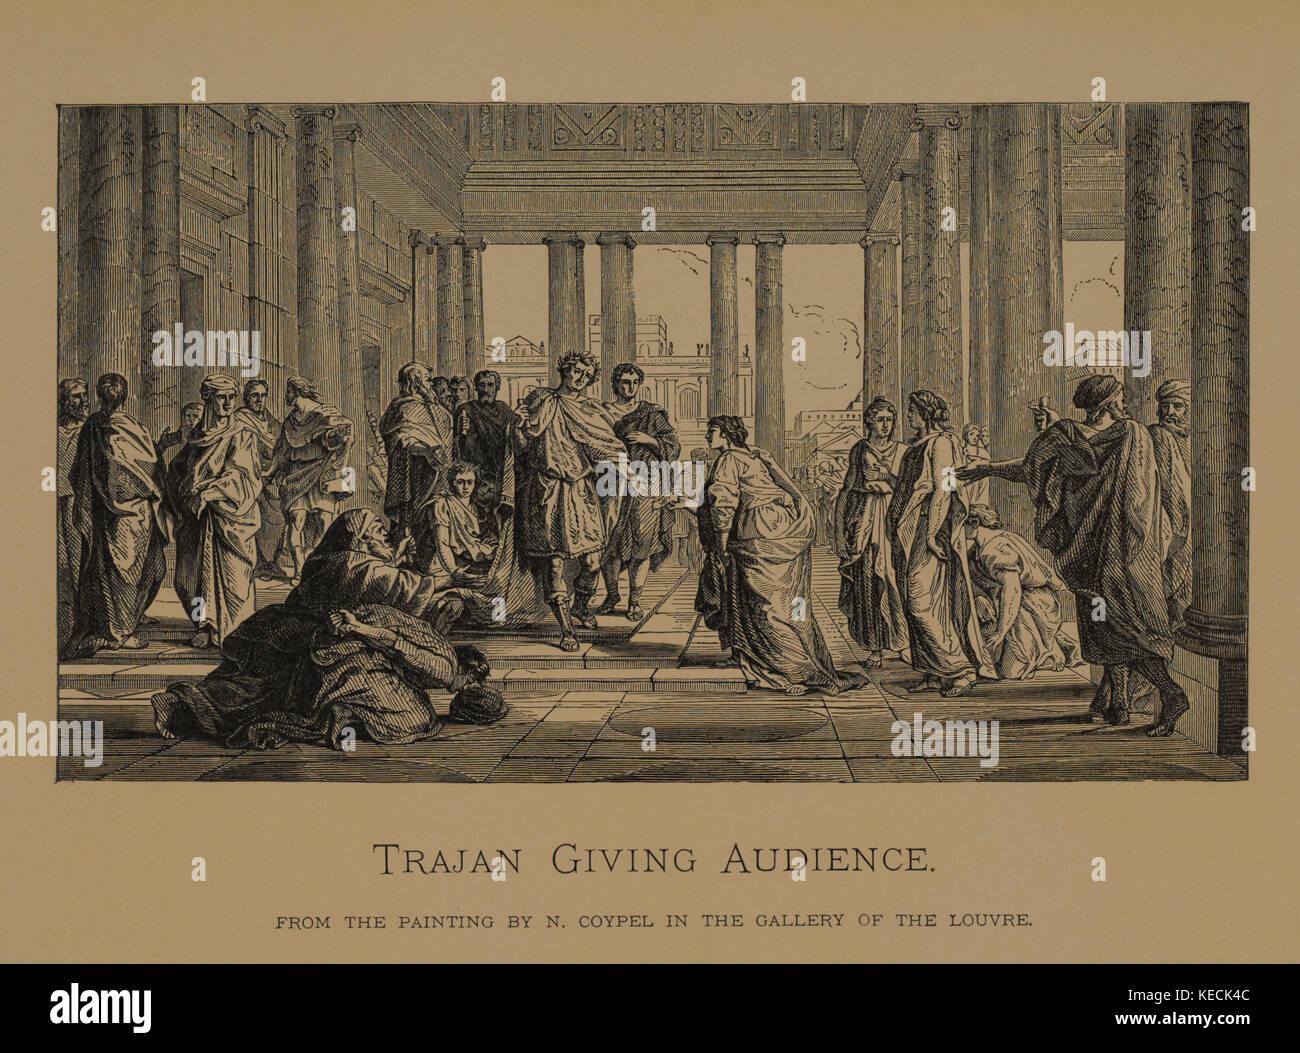 Trajan, Publikum, Holzschnitt Kupferstich aus dem ursprünglichen Anstrich durch n. coypel, die Meisterwerke Stockbild